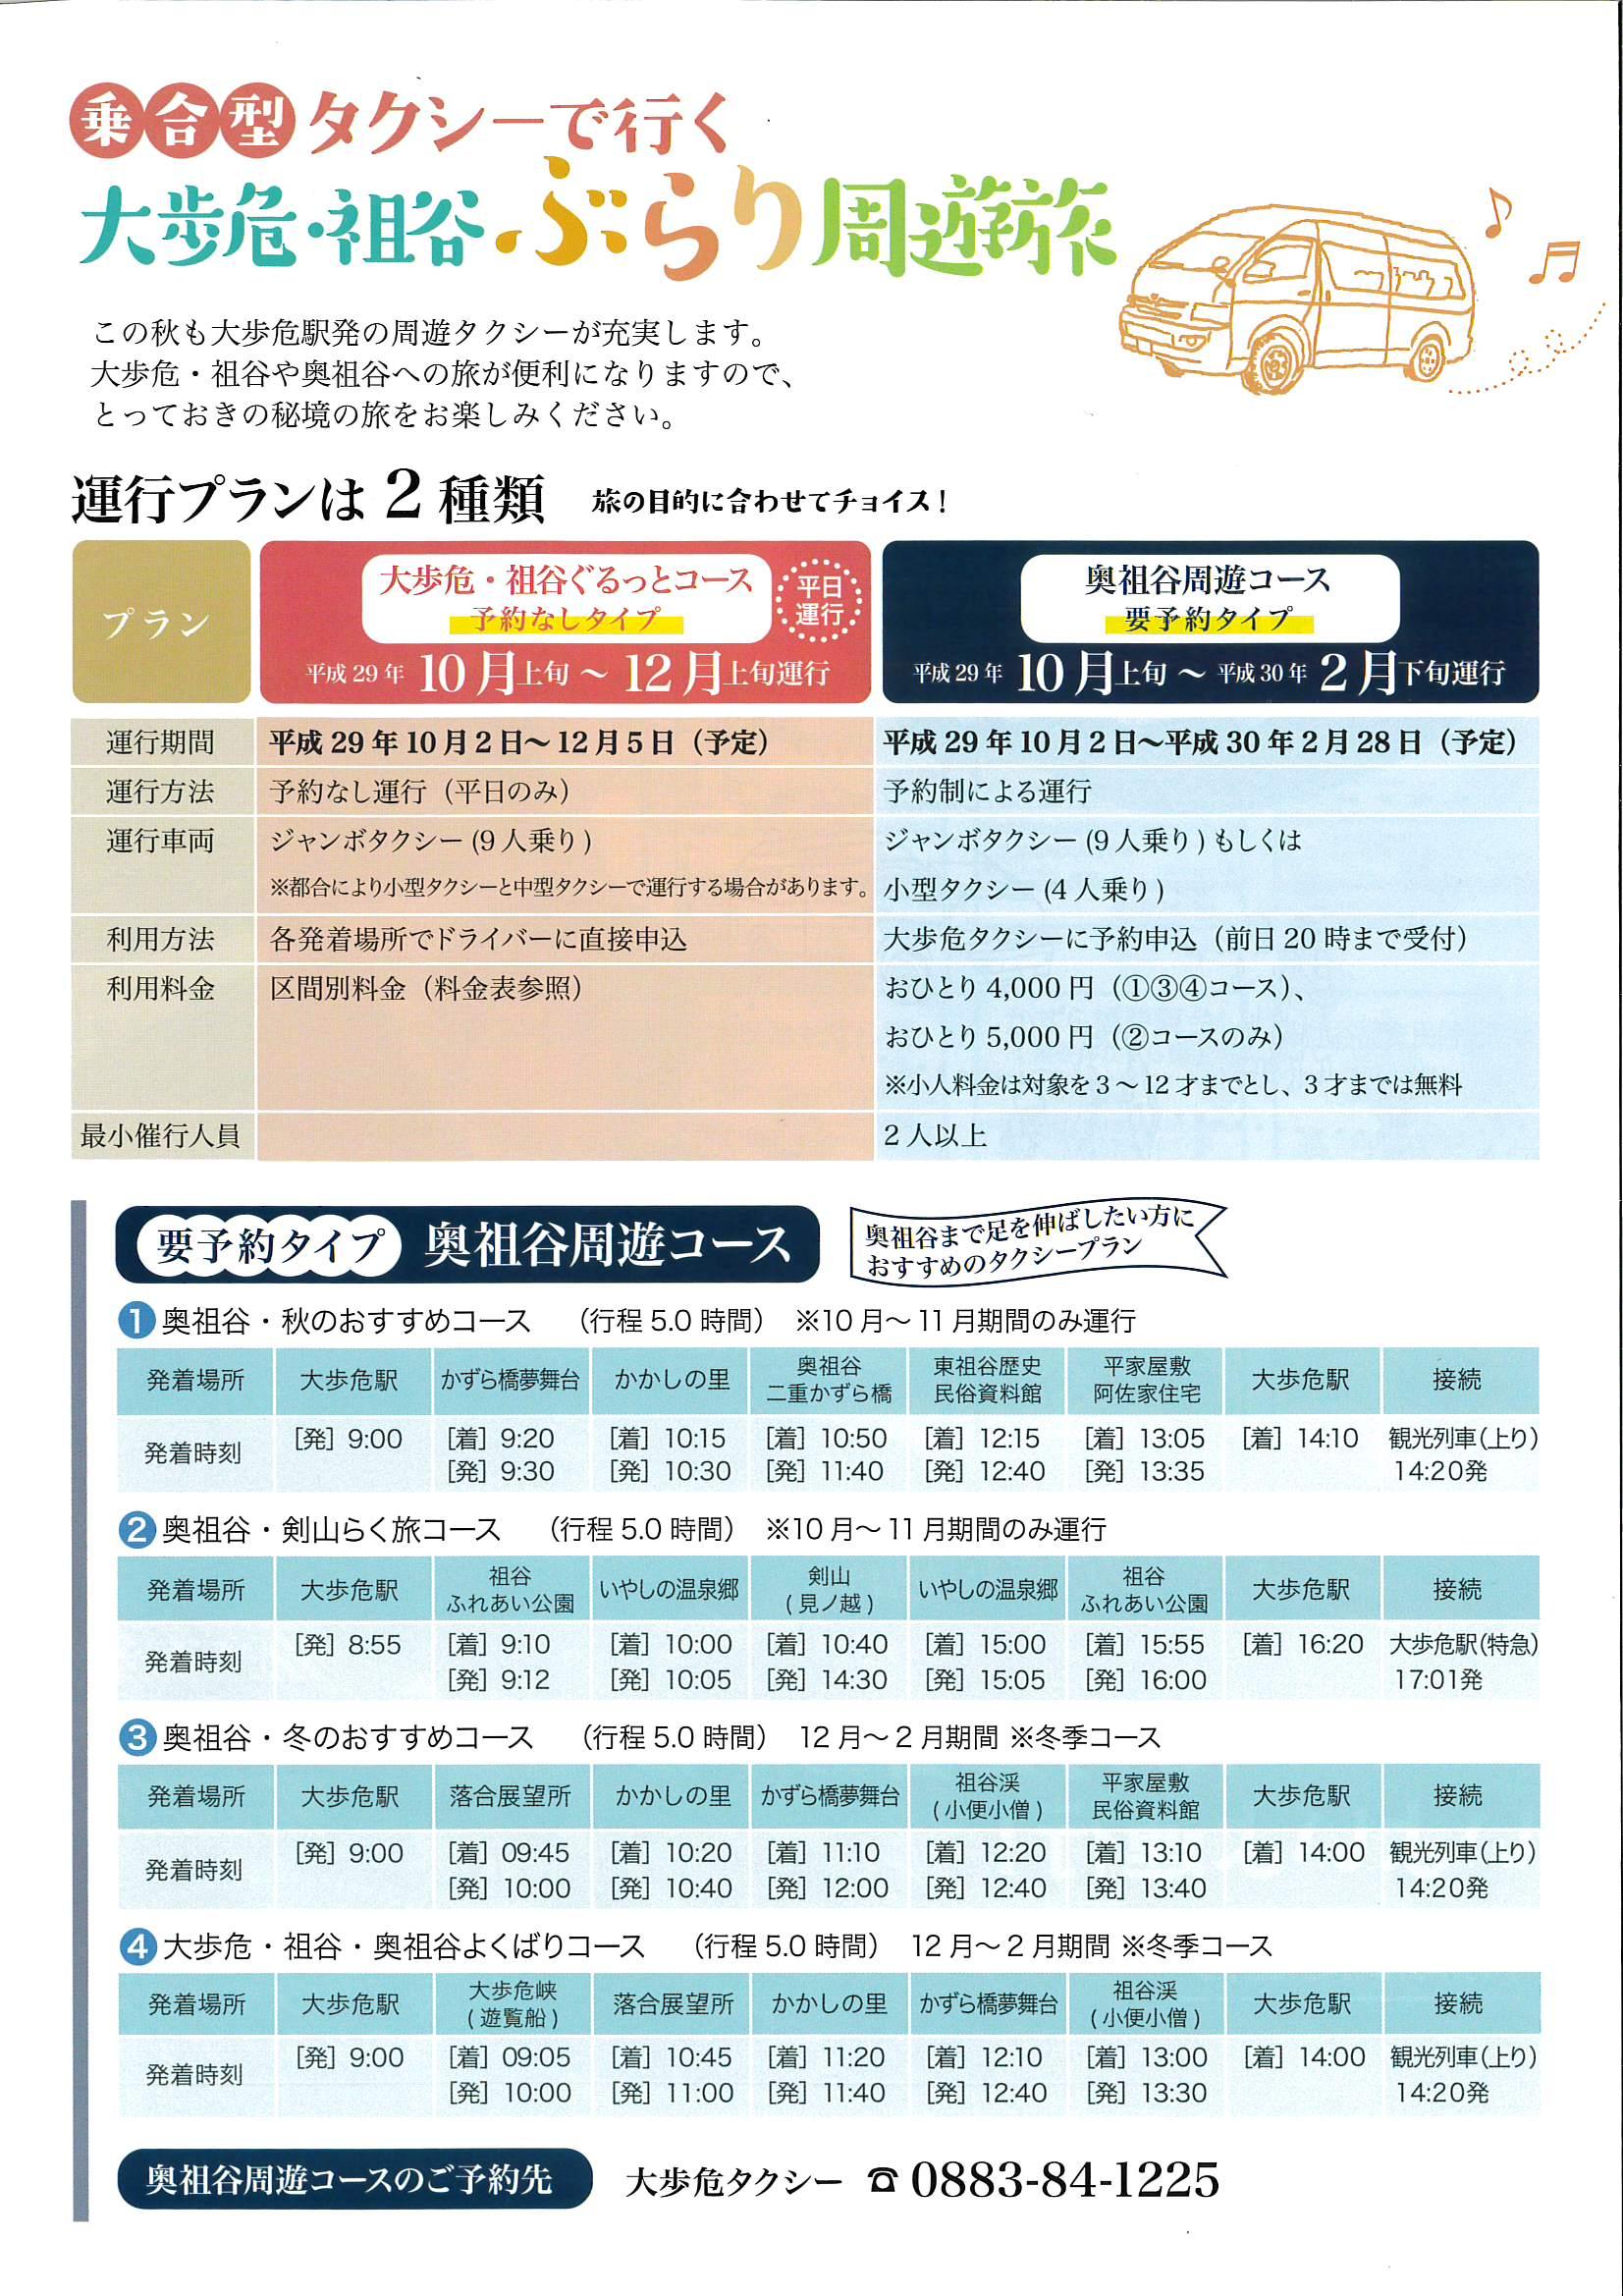 http://oboke-iya.jp/whatsnew/MX-3150FN_20171007_105739_0001.jpg